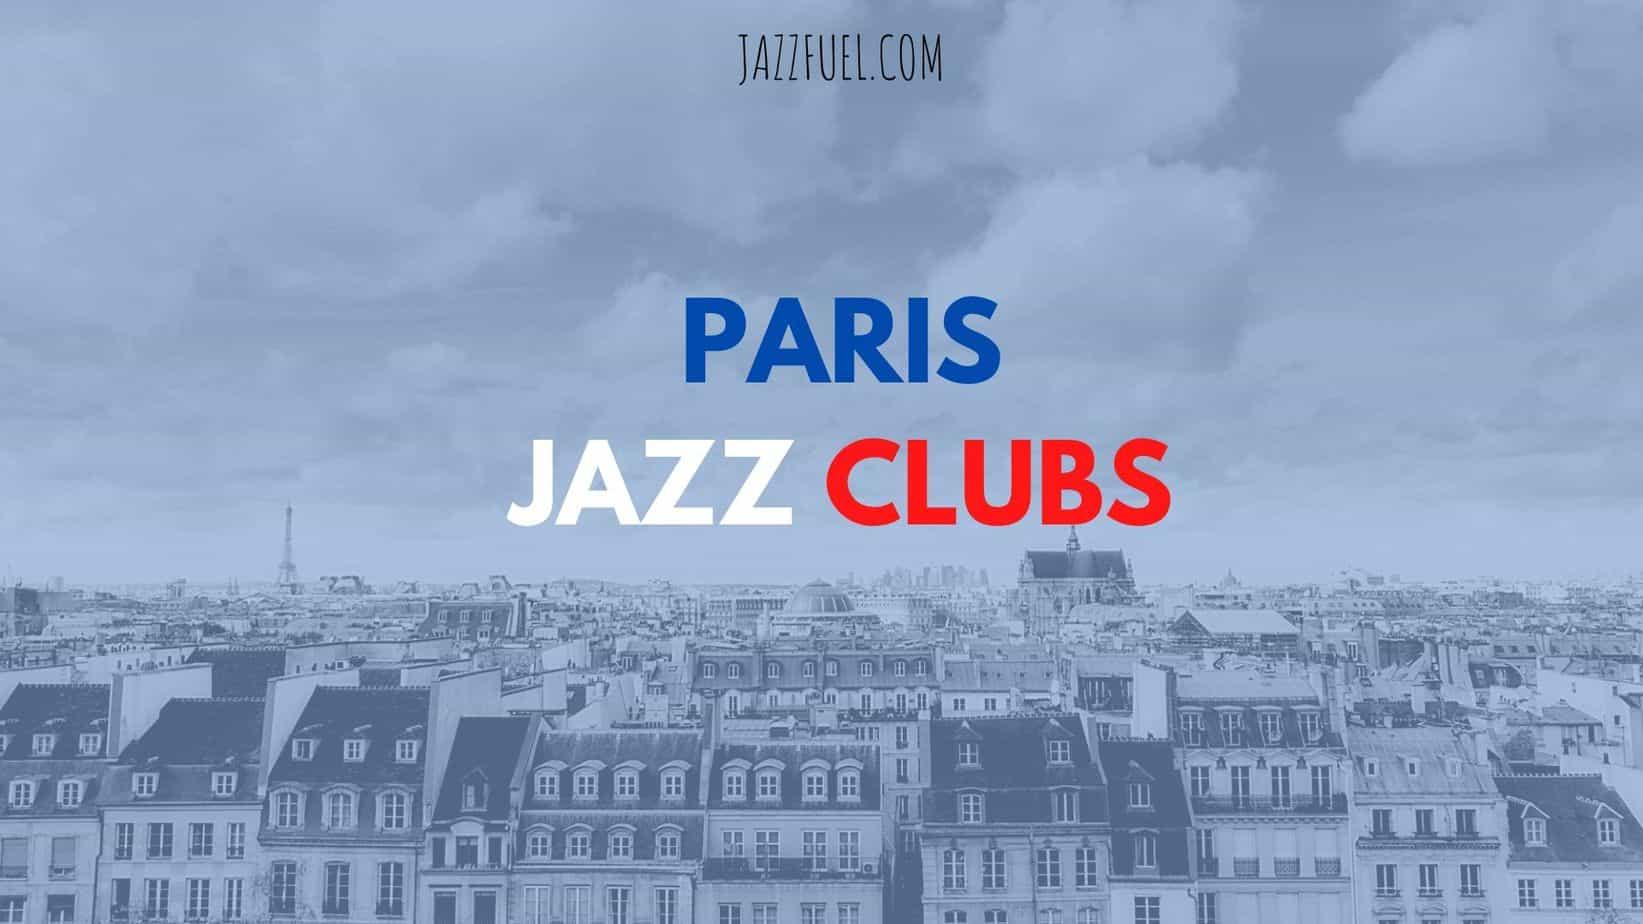 Paris Jazz Clubs (title)